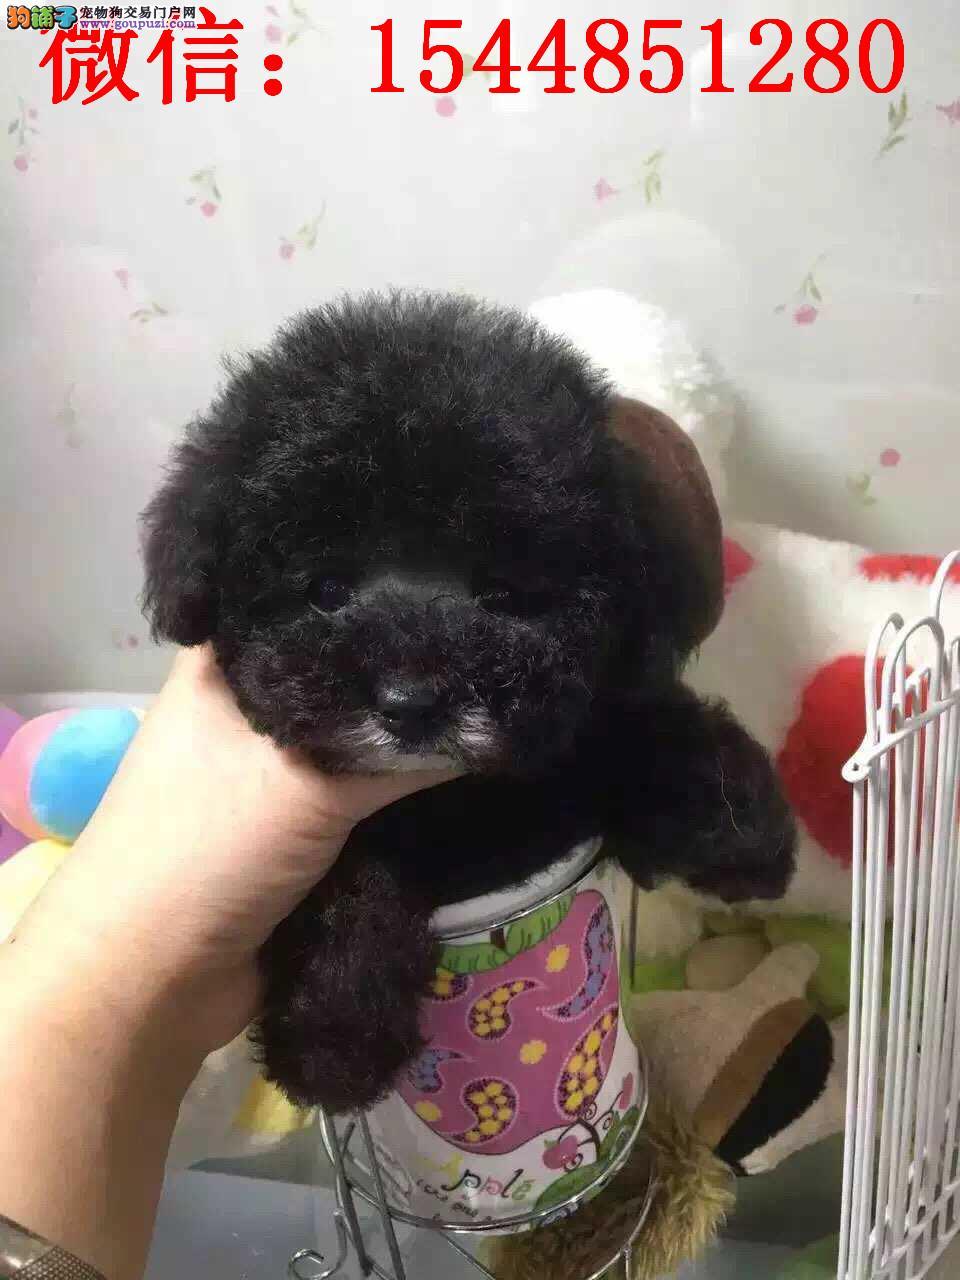 乌鲁木齐哪里有泰迪卖 纯种灰色泰迪 小体茶杯灰色泰迪